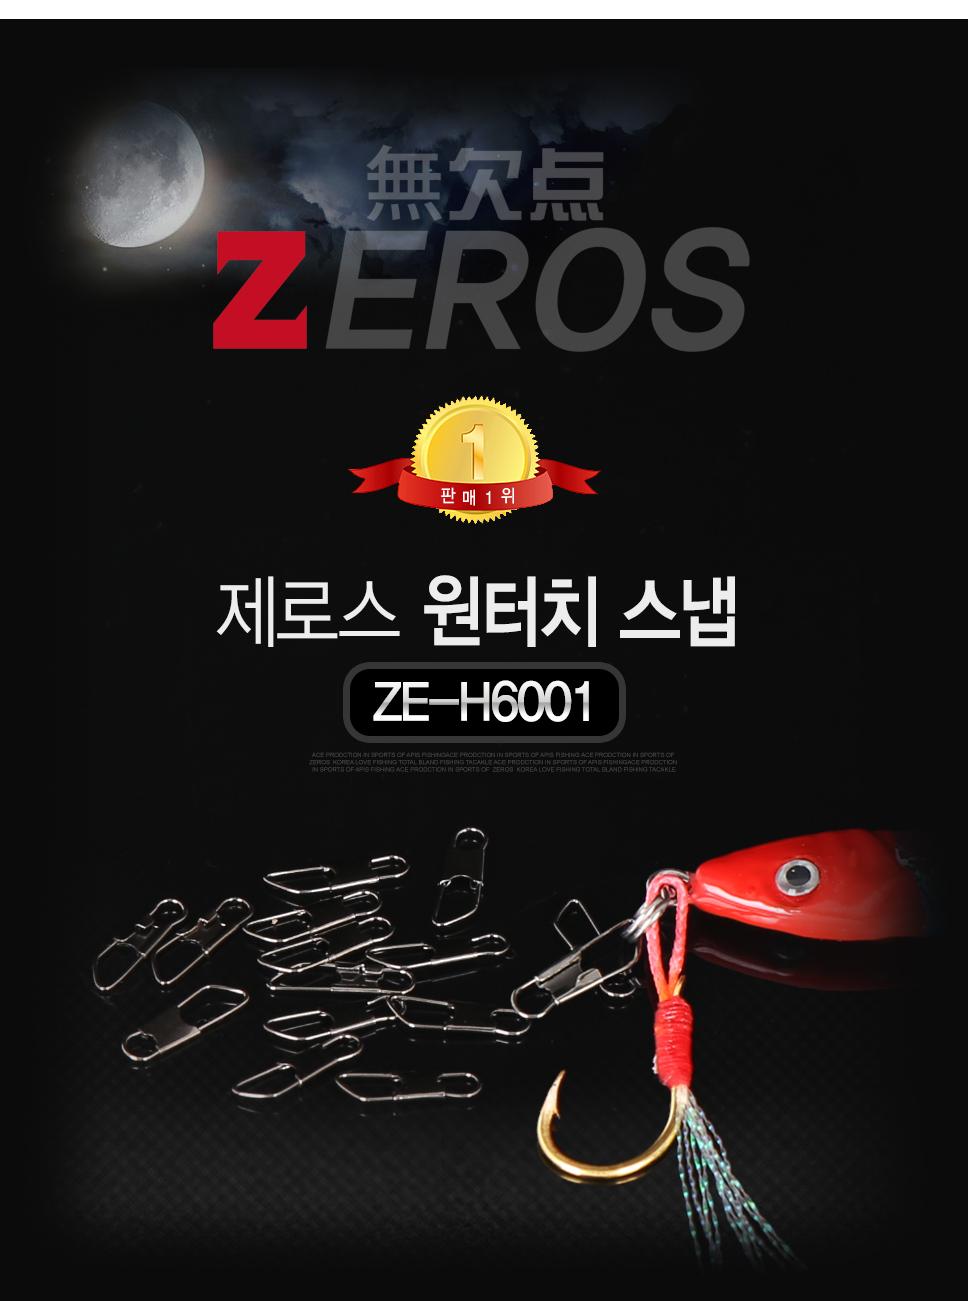 제로스 원터치스냅 ZE-H6001 핀스냅 바다소품 소품